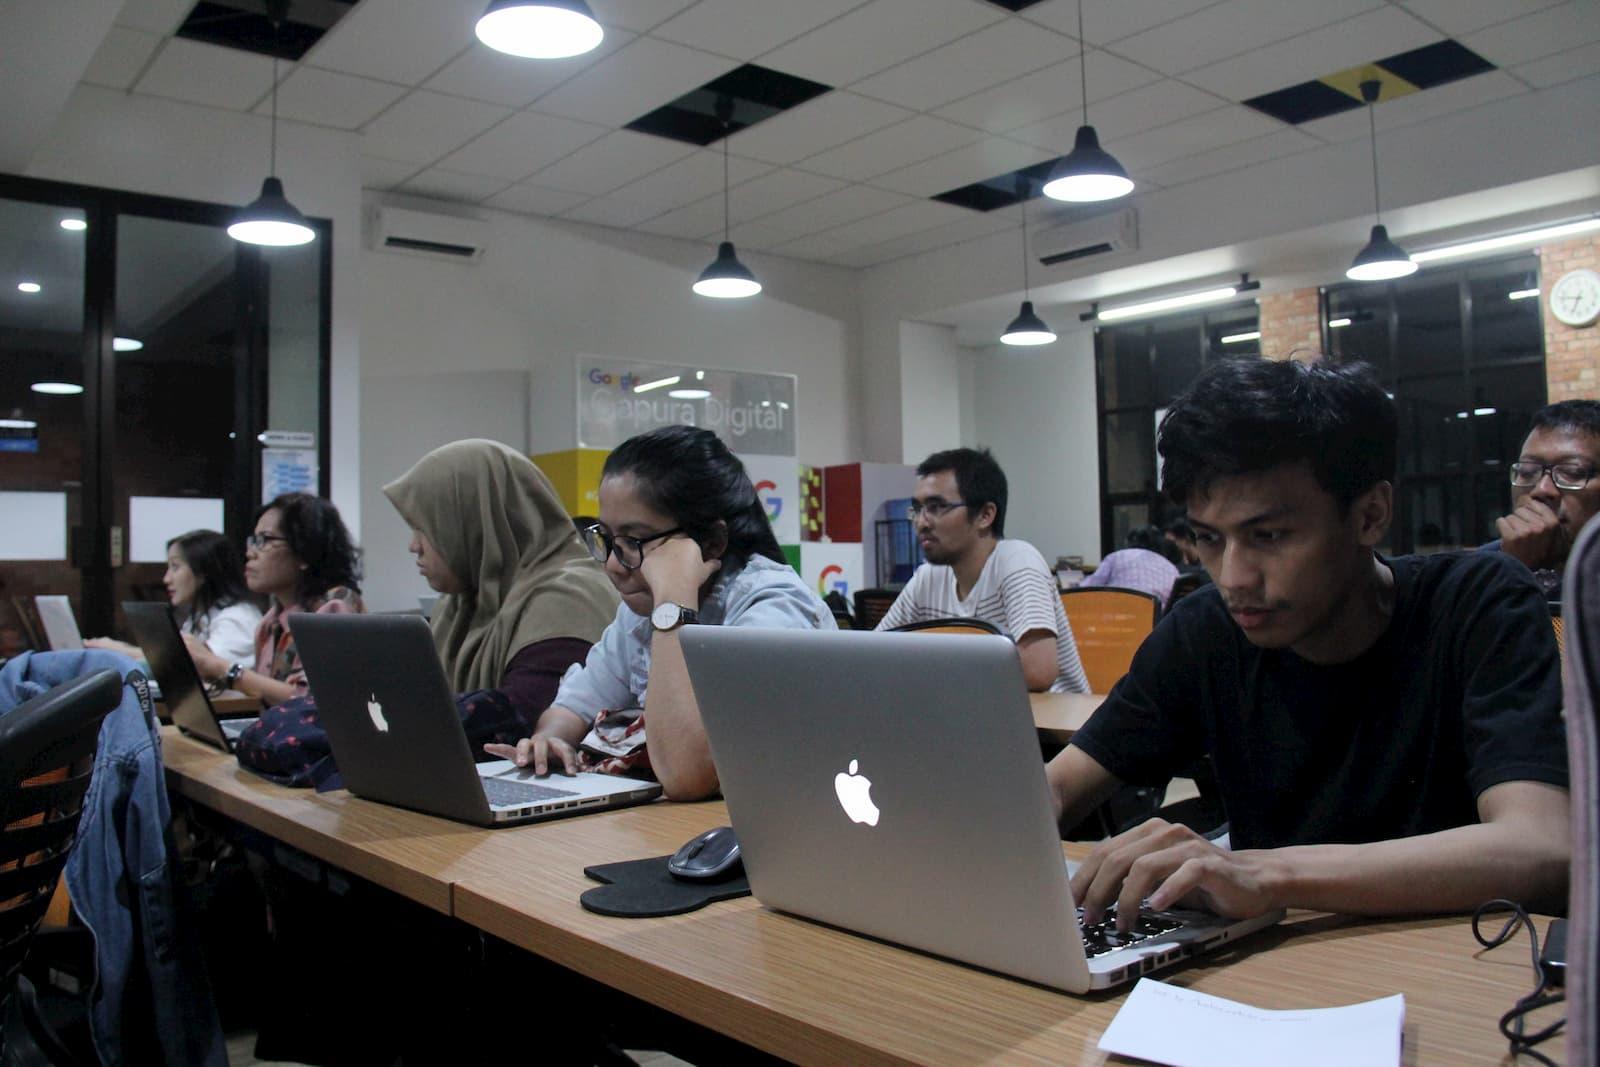 Kelas Estubizi Brosur Digital untuk Bisnis